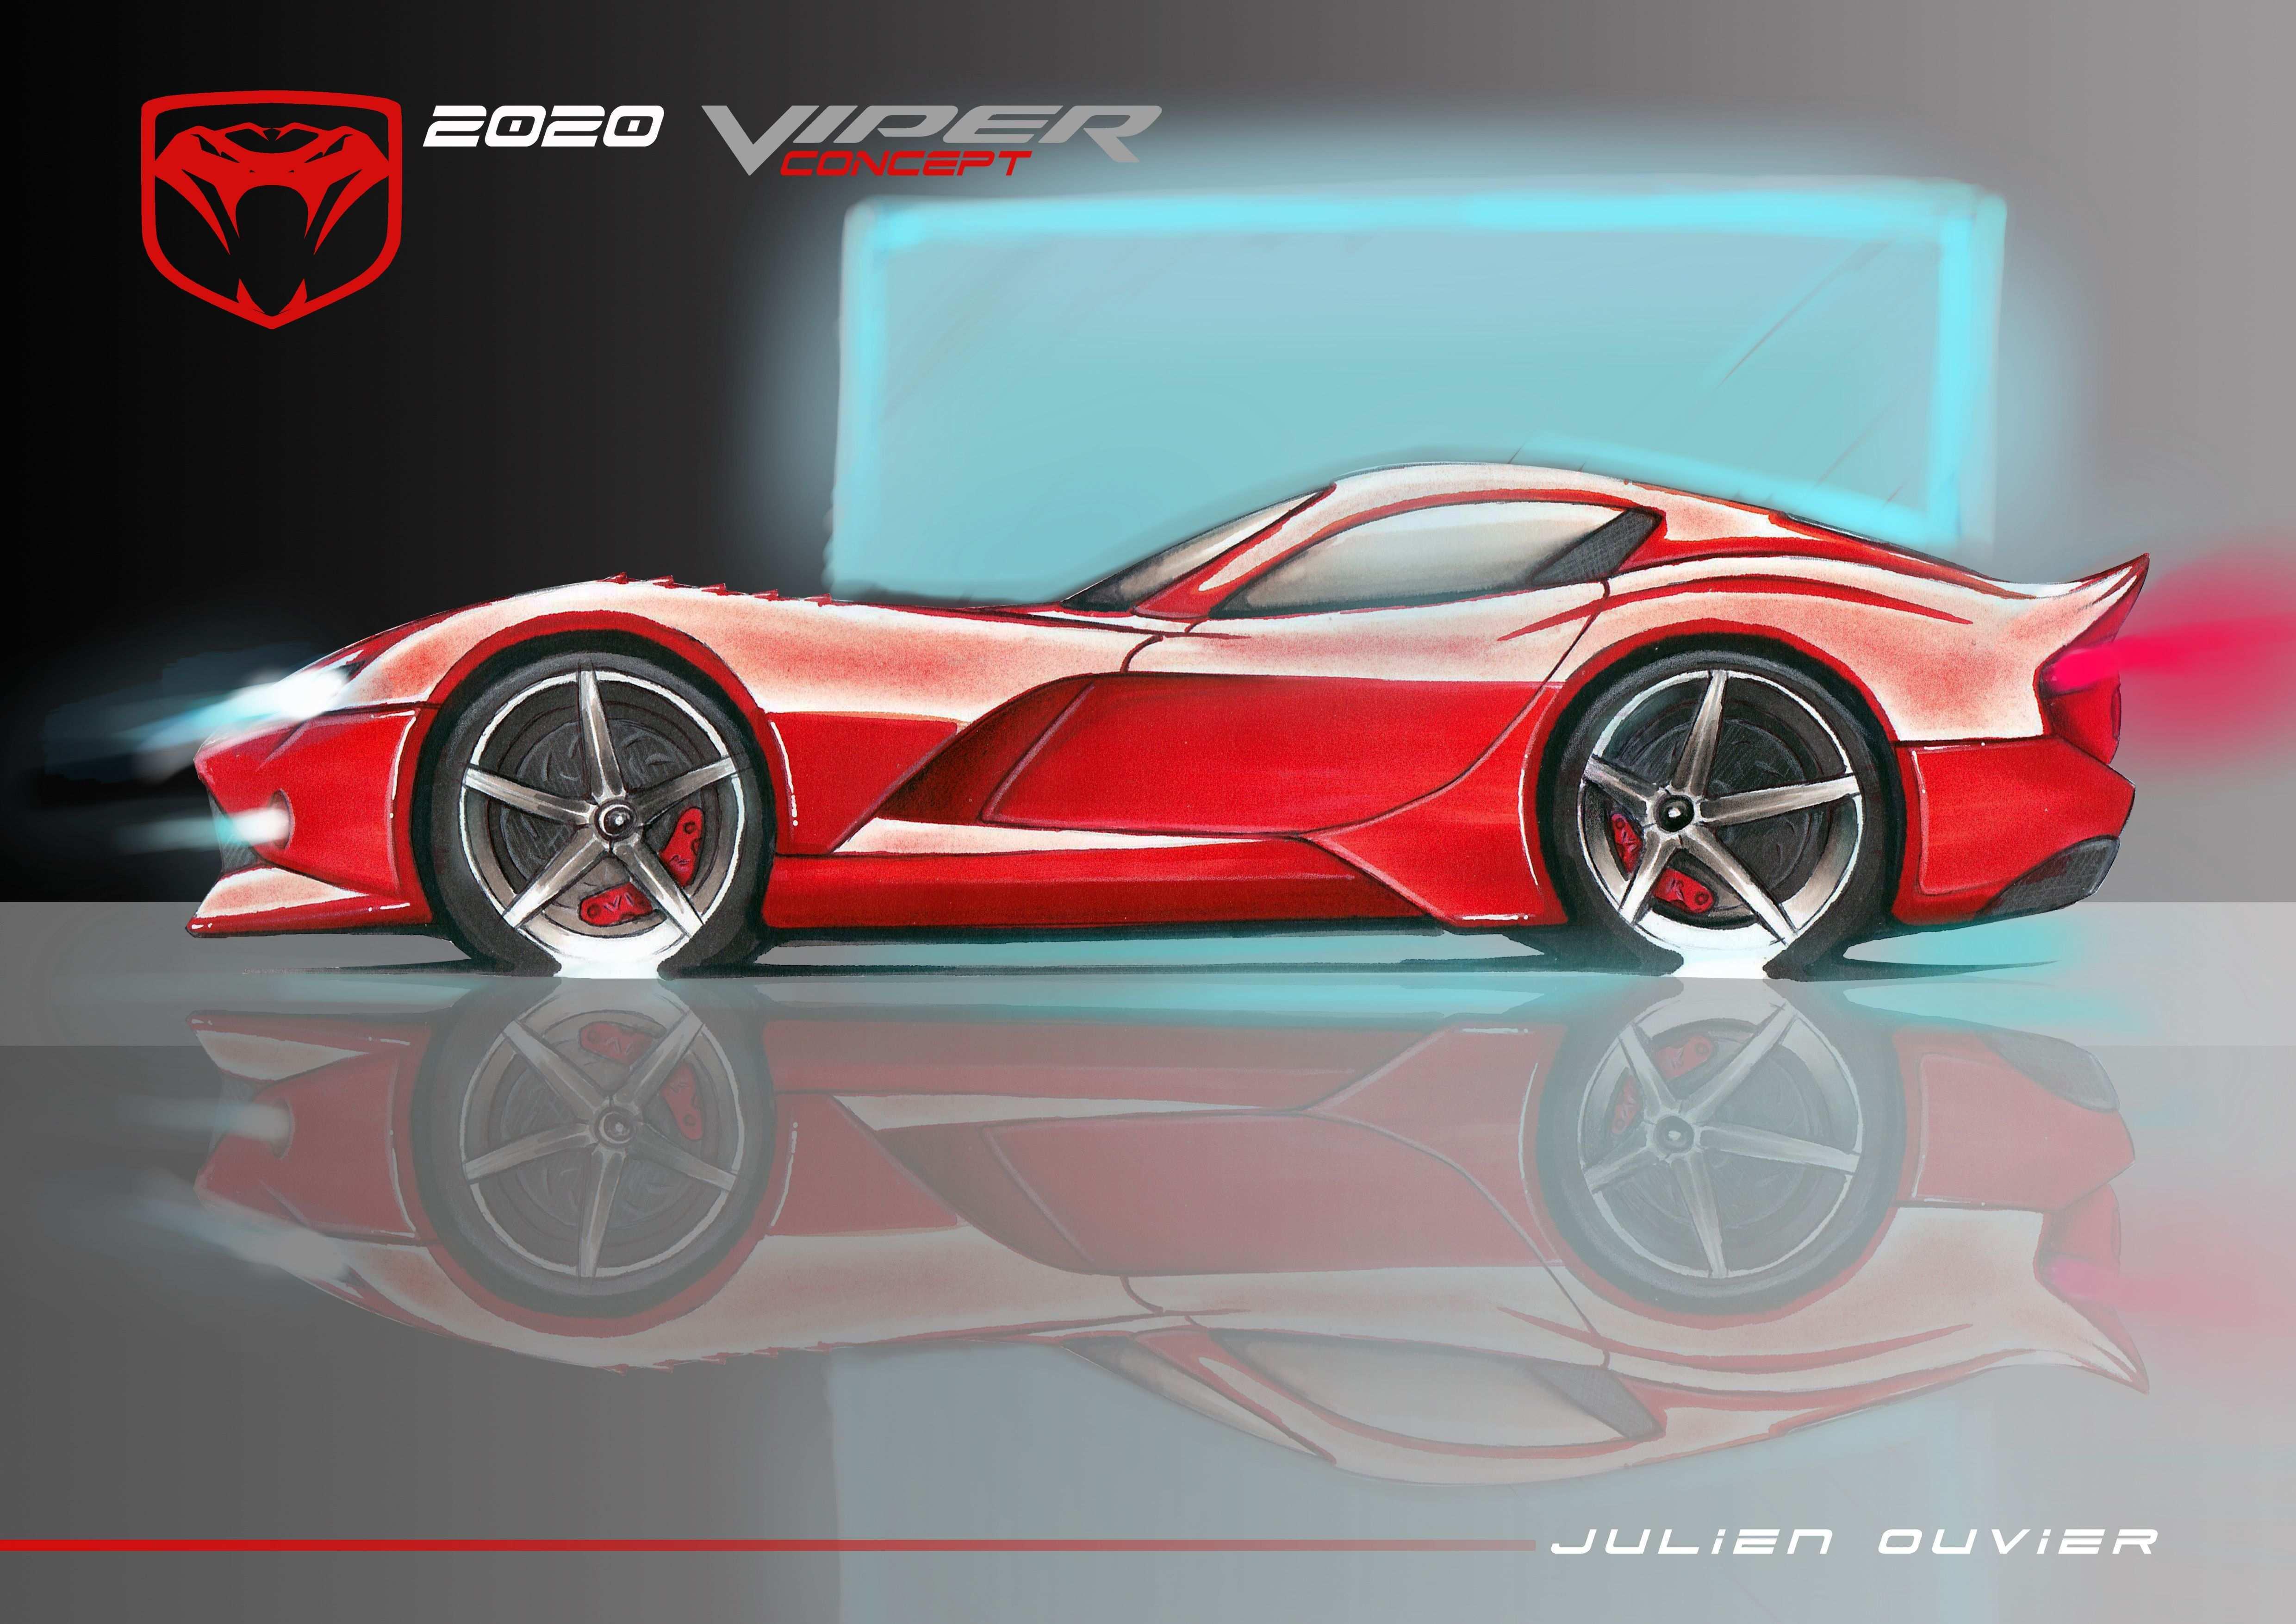 23 Great Dodge Viper Concept 2020 Price for Dodge Viper Concept 2020